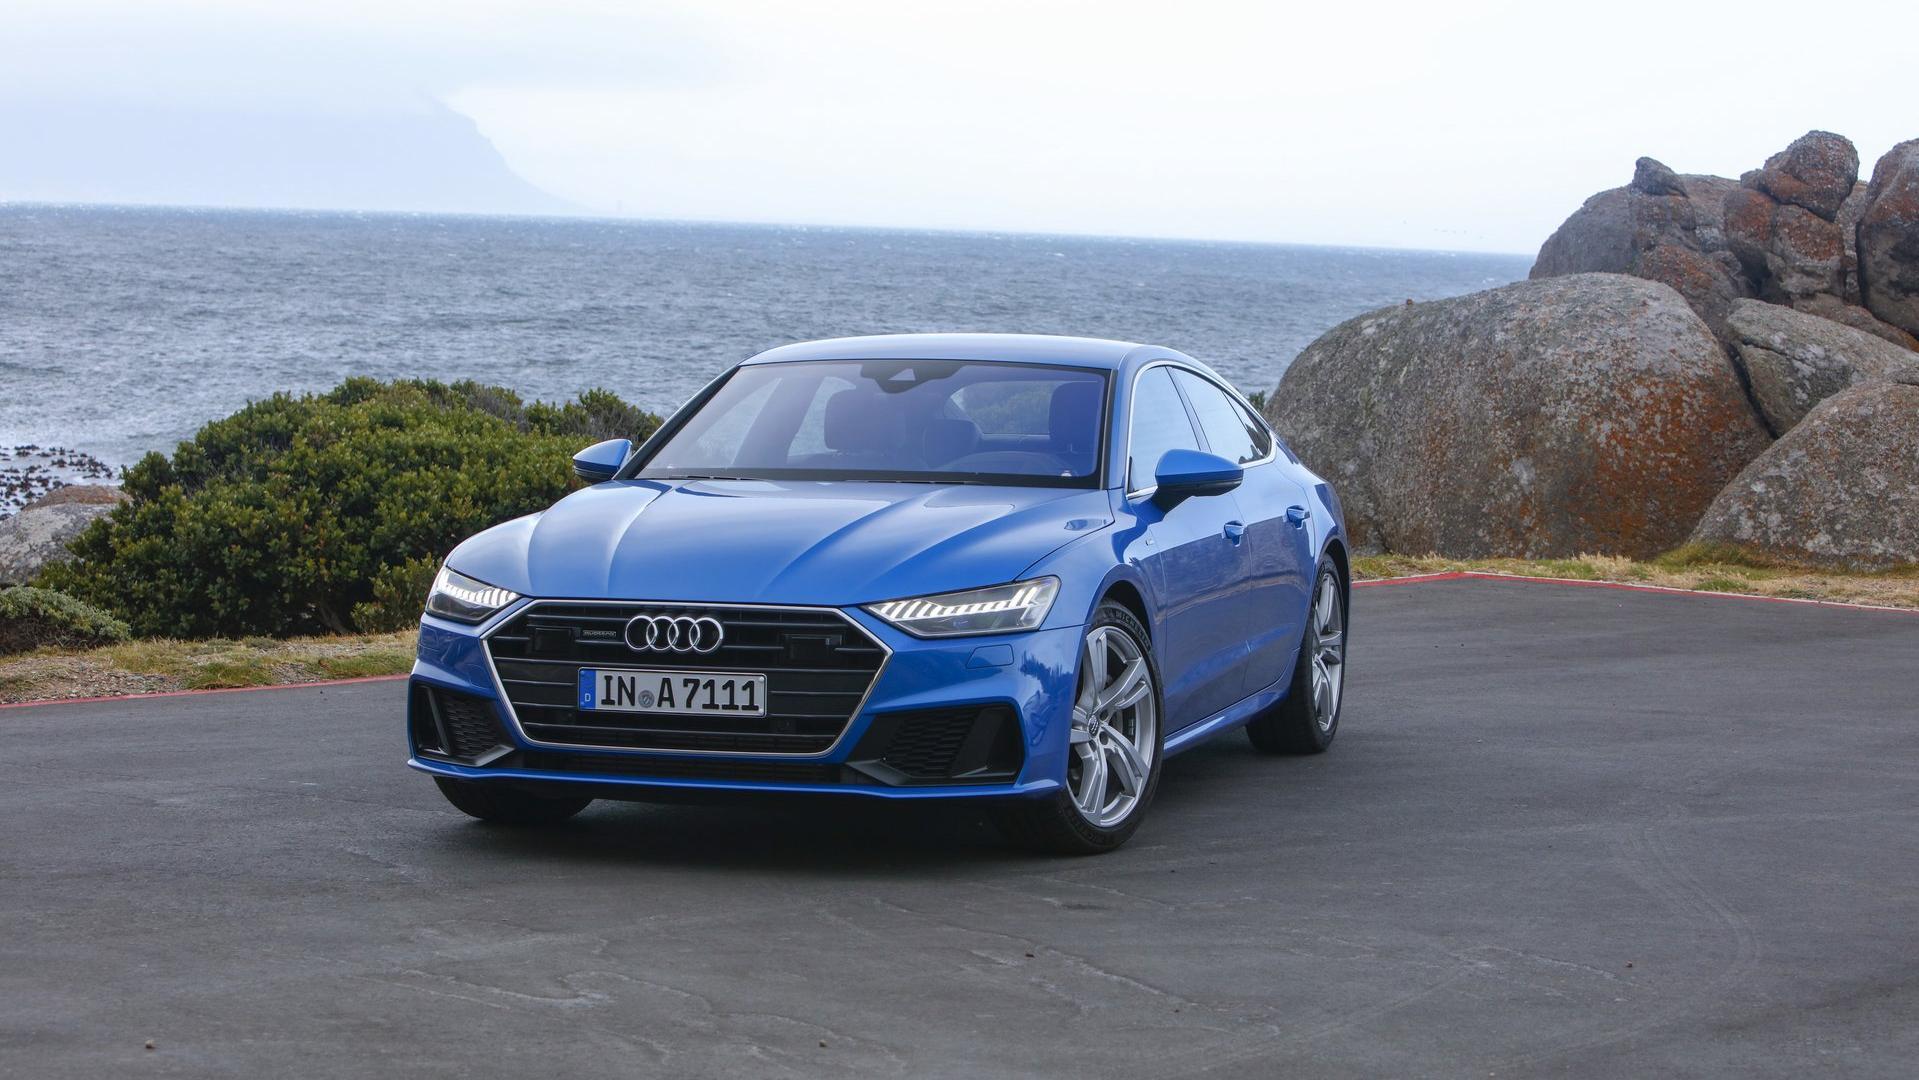 Audi A7 Modele Dane Silniki Testy Autocentrumpl